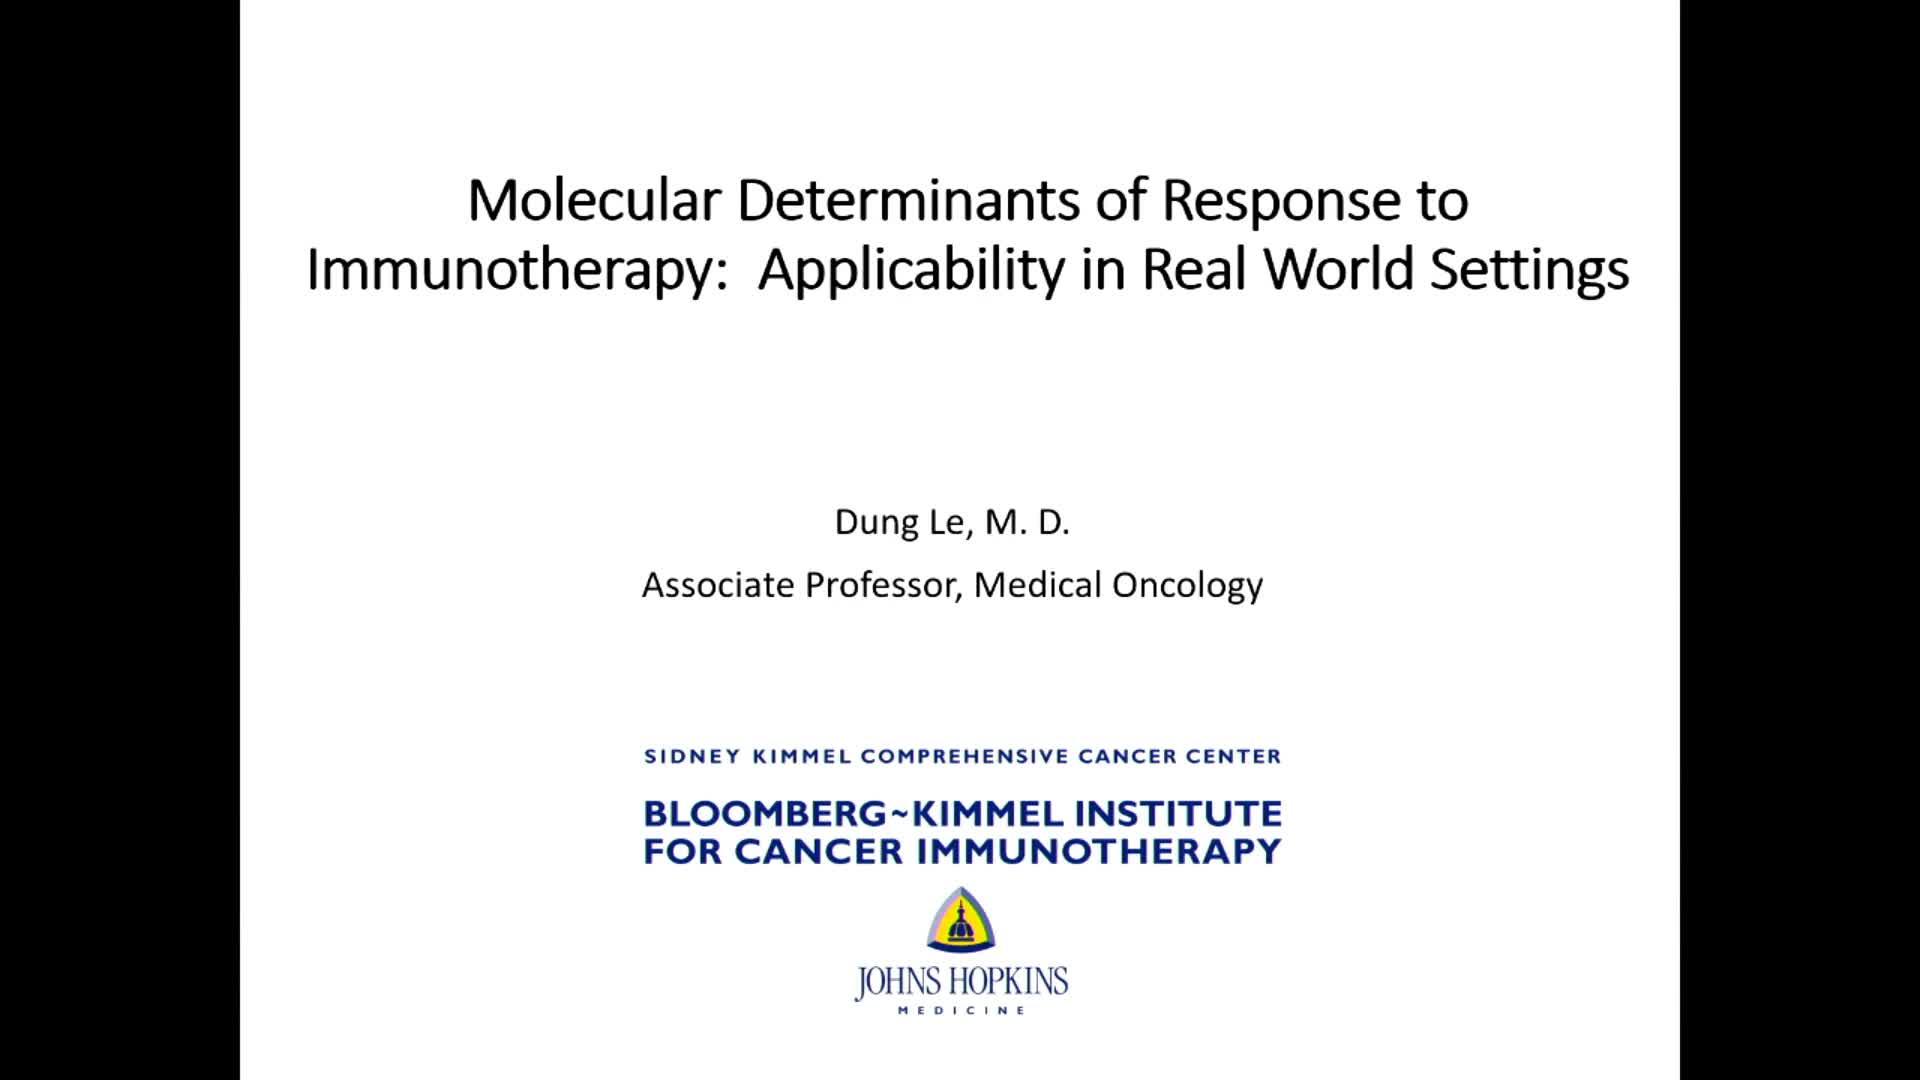 分子分型决定疗效:分子分型的实际应用